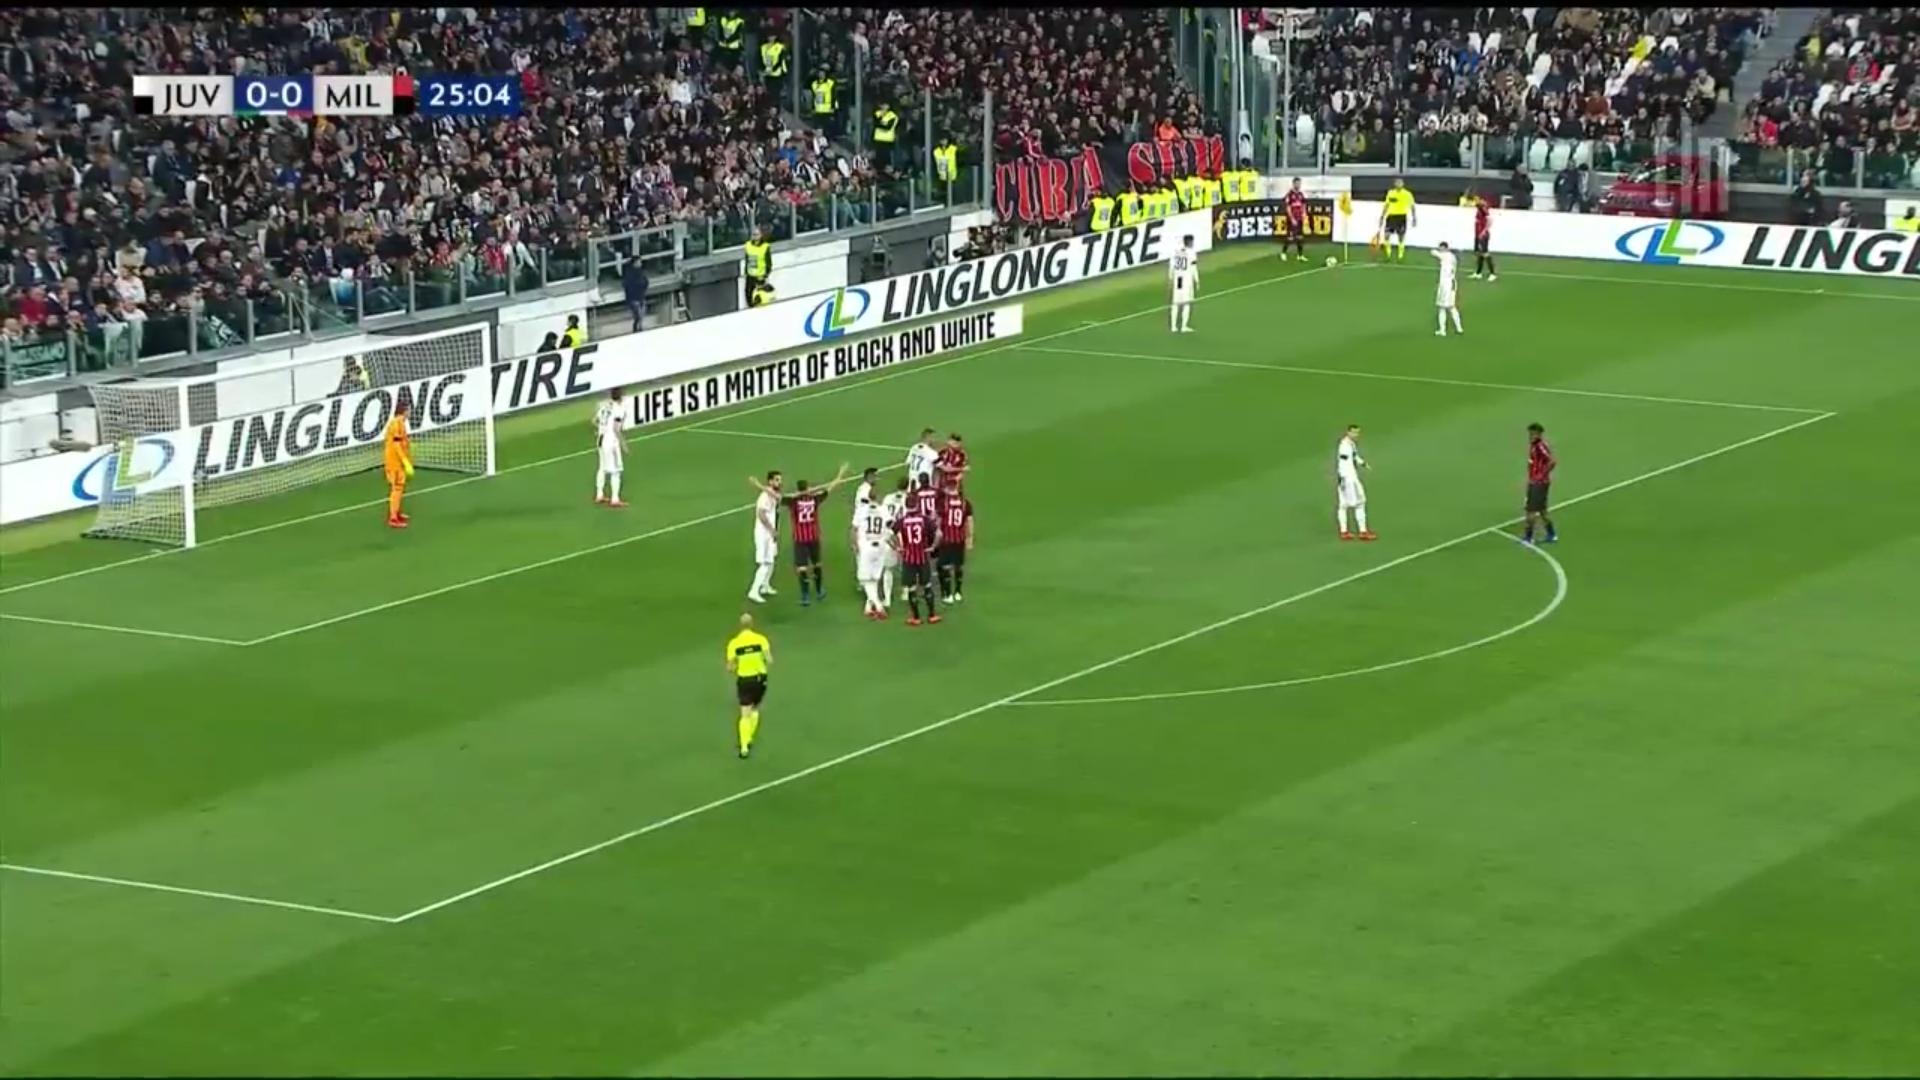 06-04-2019 - Juventus 2-1 Milan